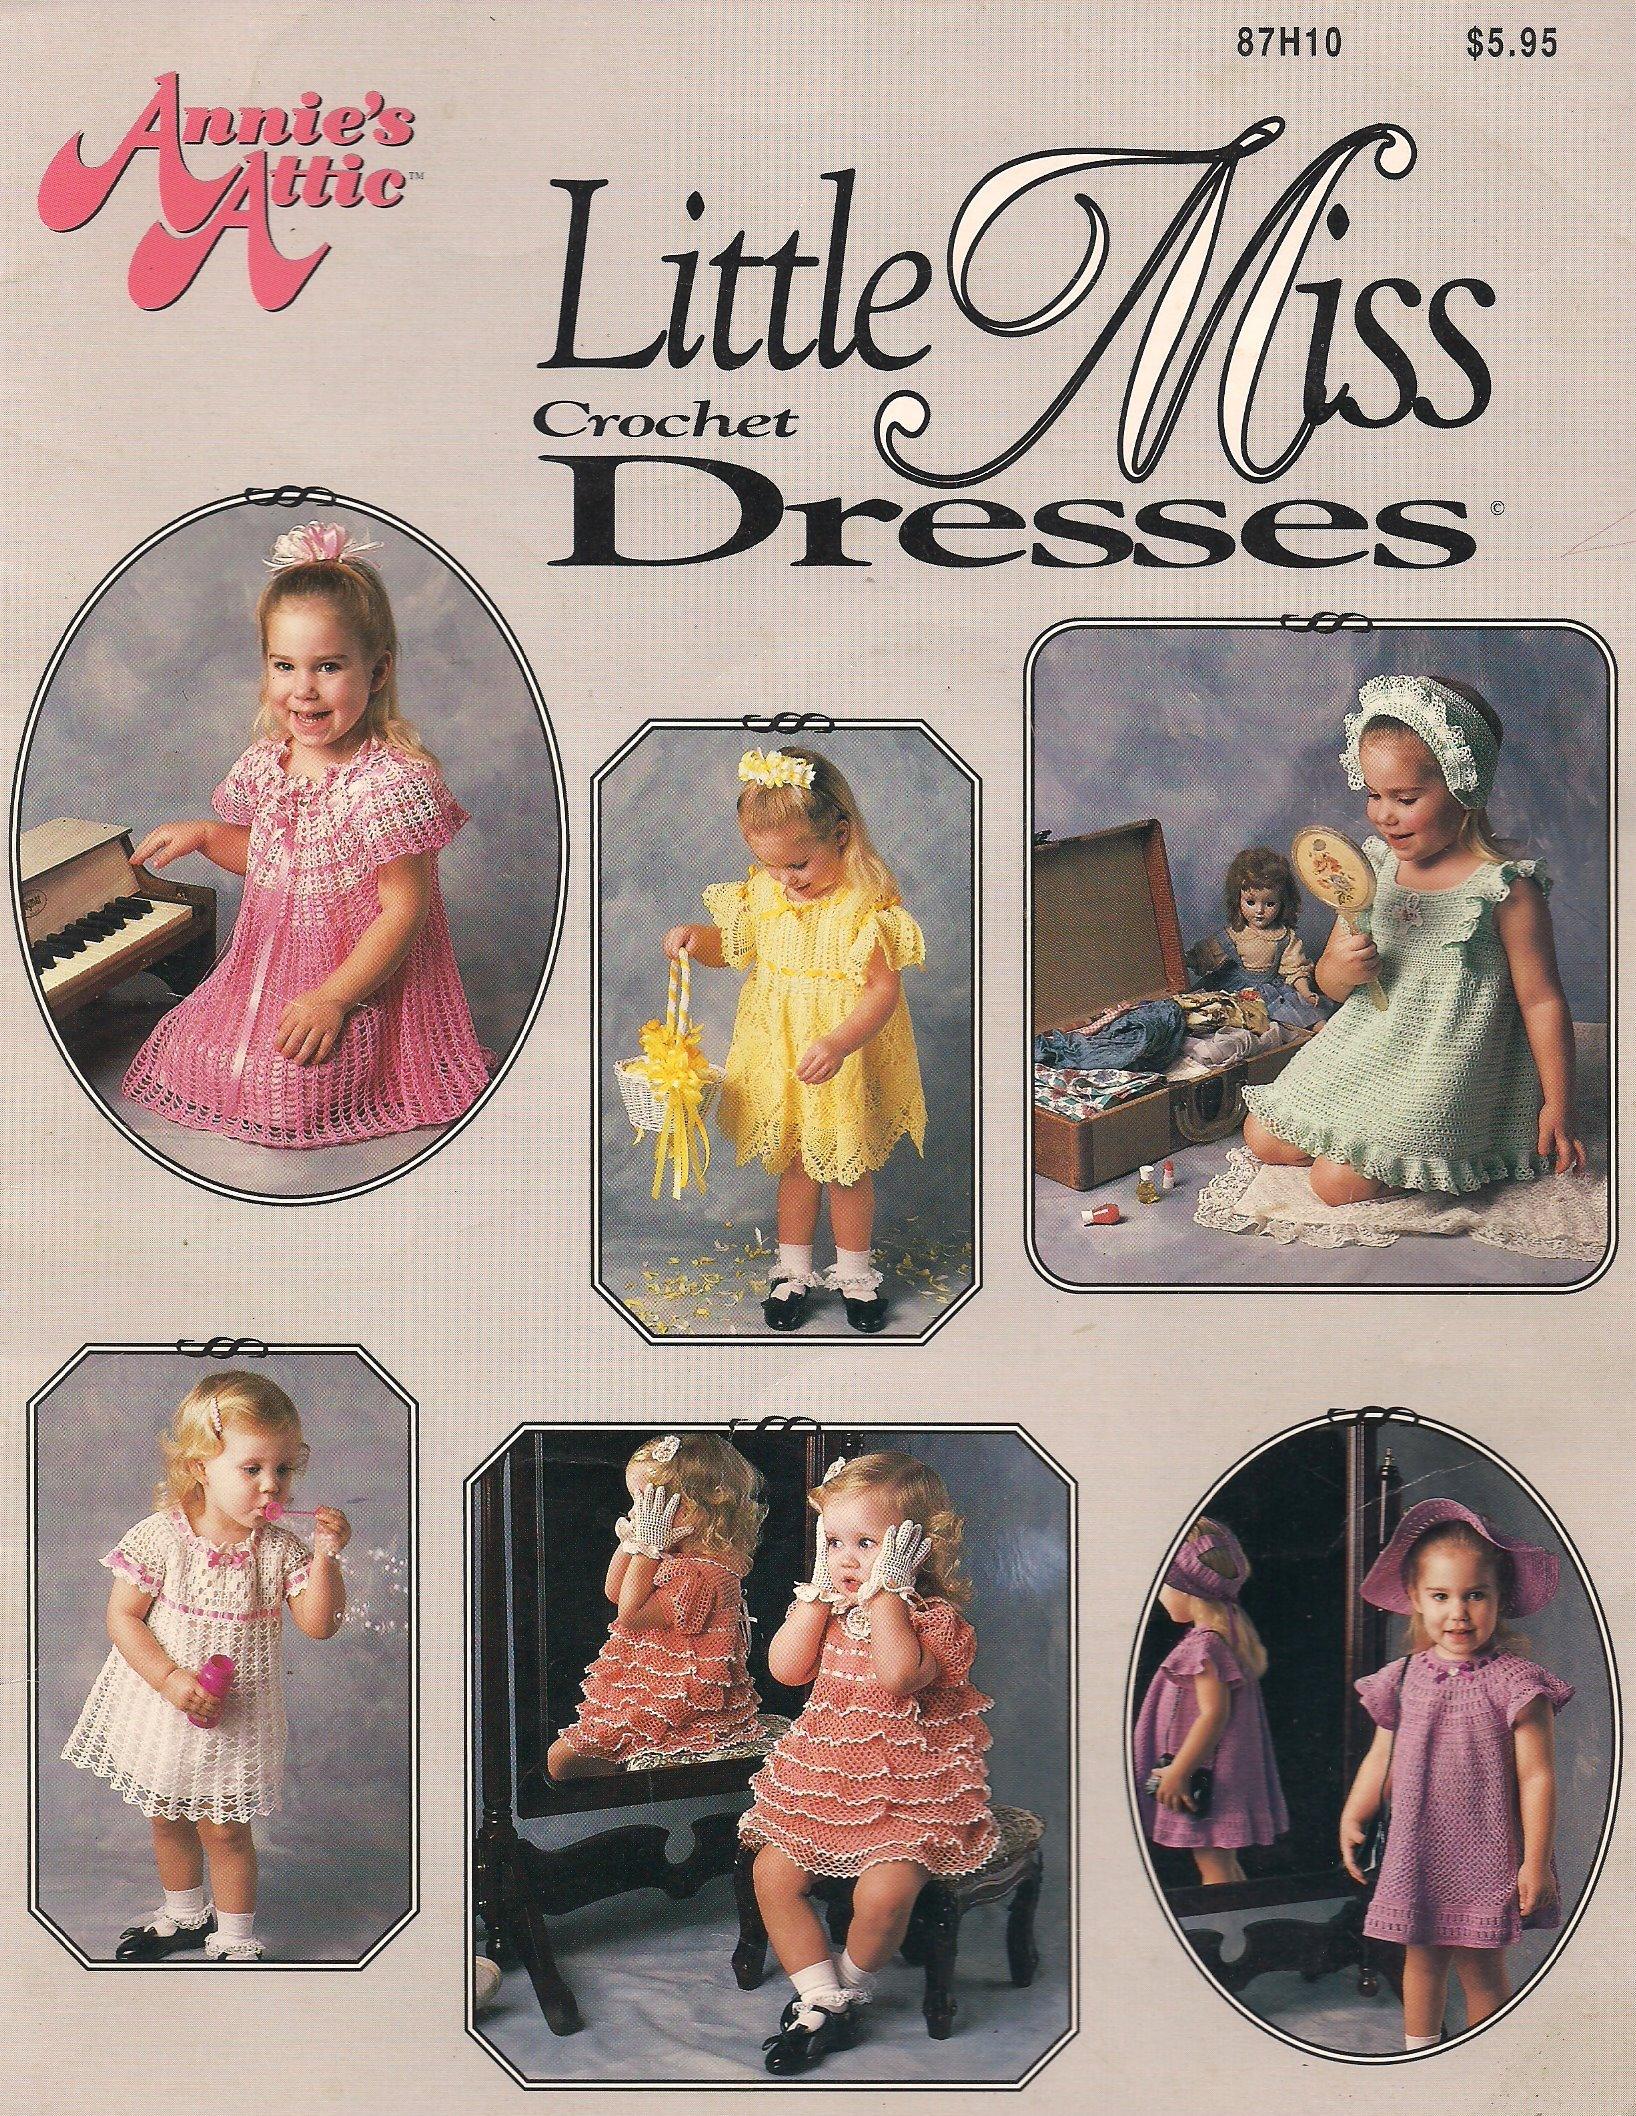 Annie's Attic Little Miss Crochet Dresses (87H10)